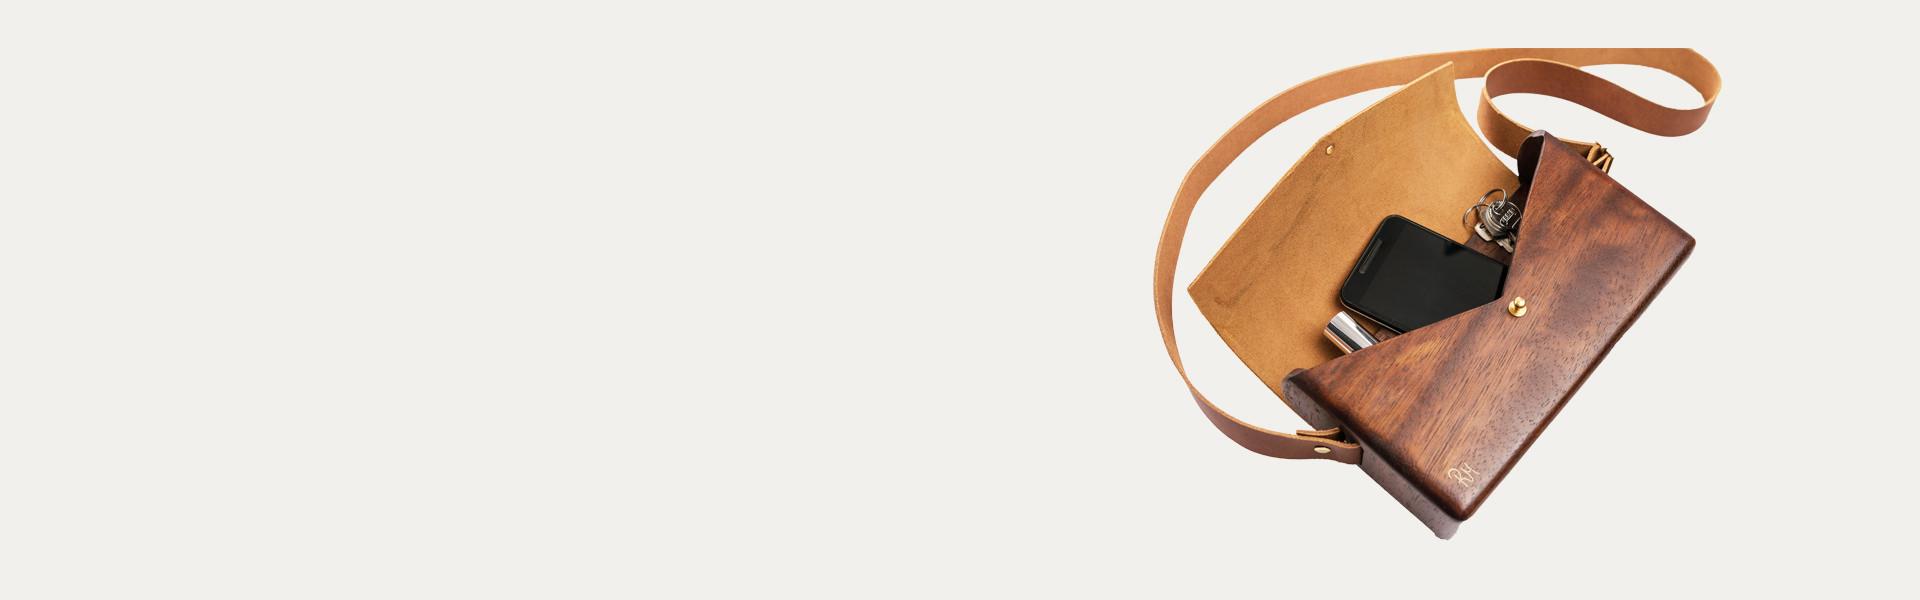 Handmade wooden bags | Χειροποίητες ξύλινες τσάντες - R&M atellier.gr